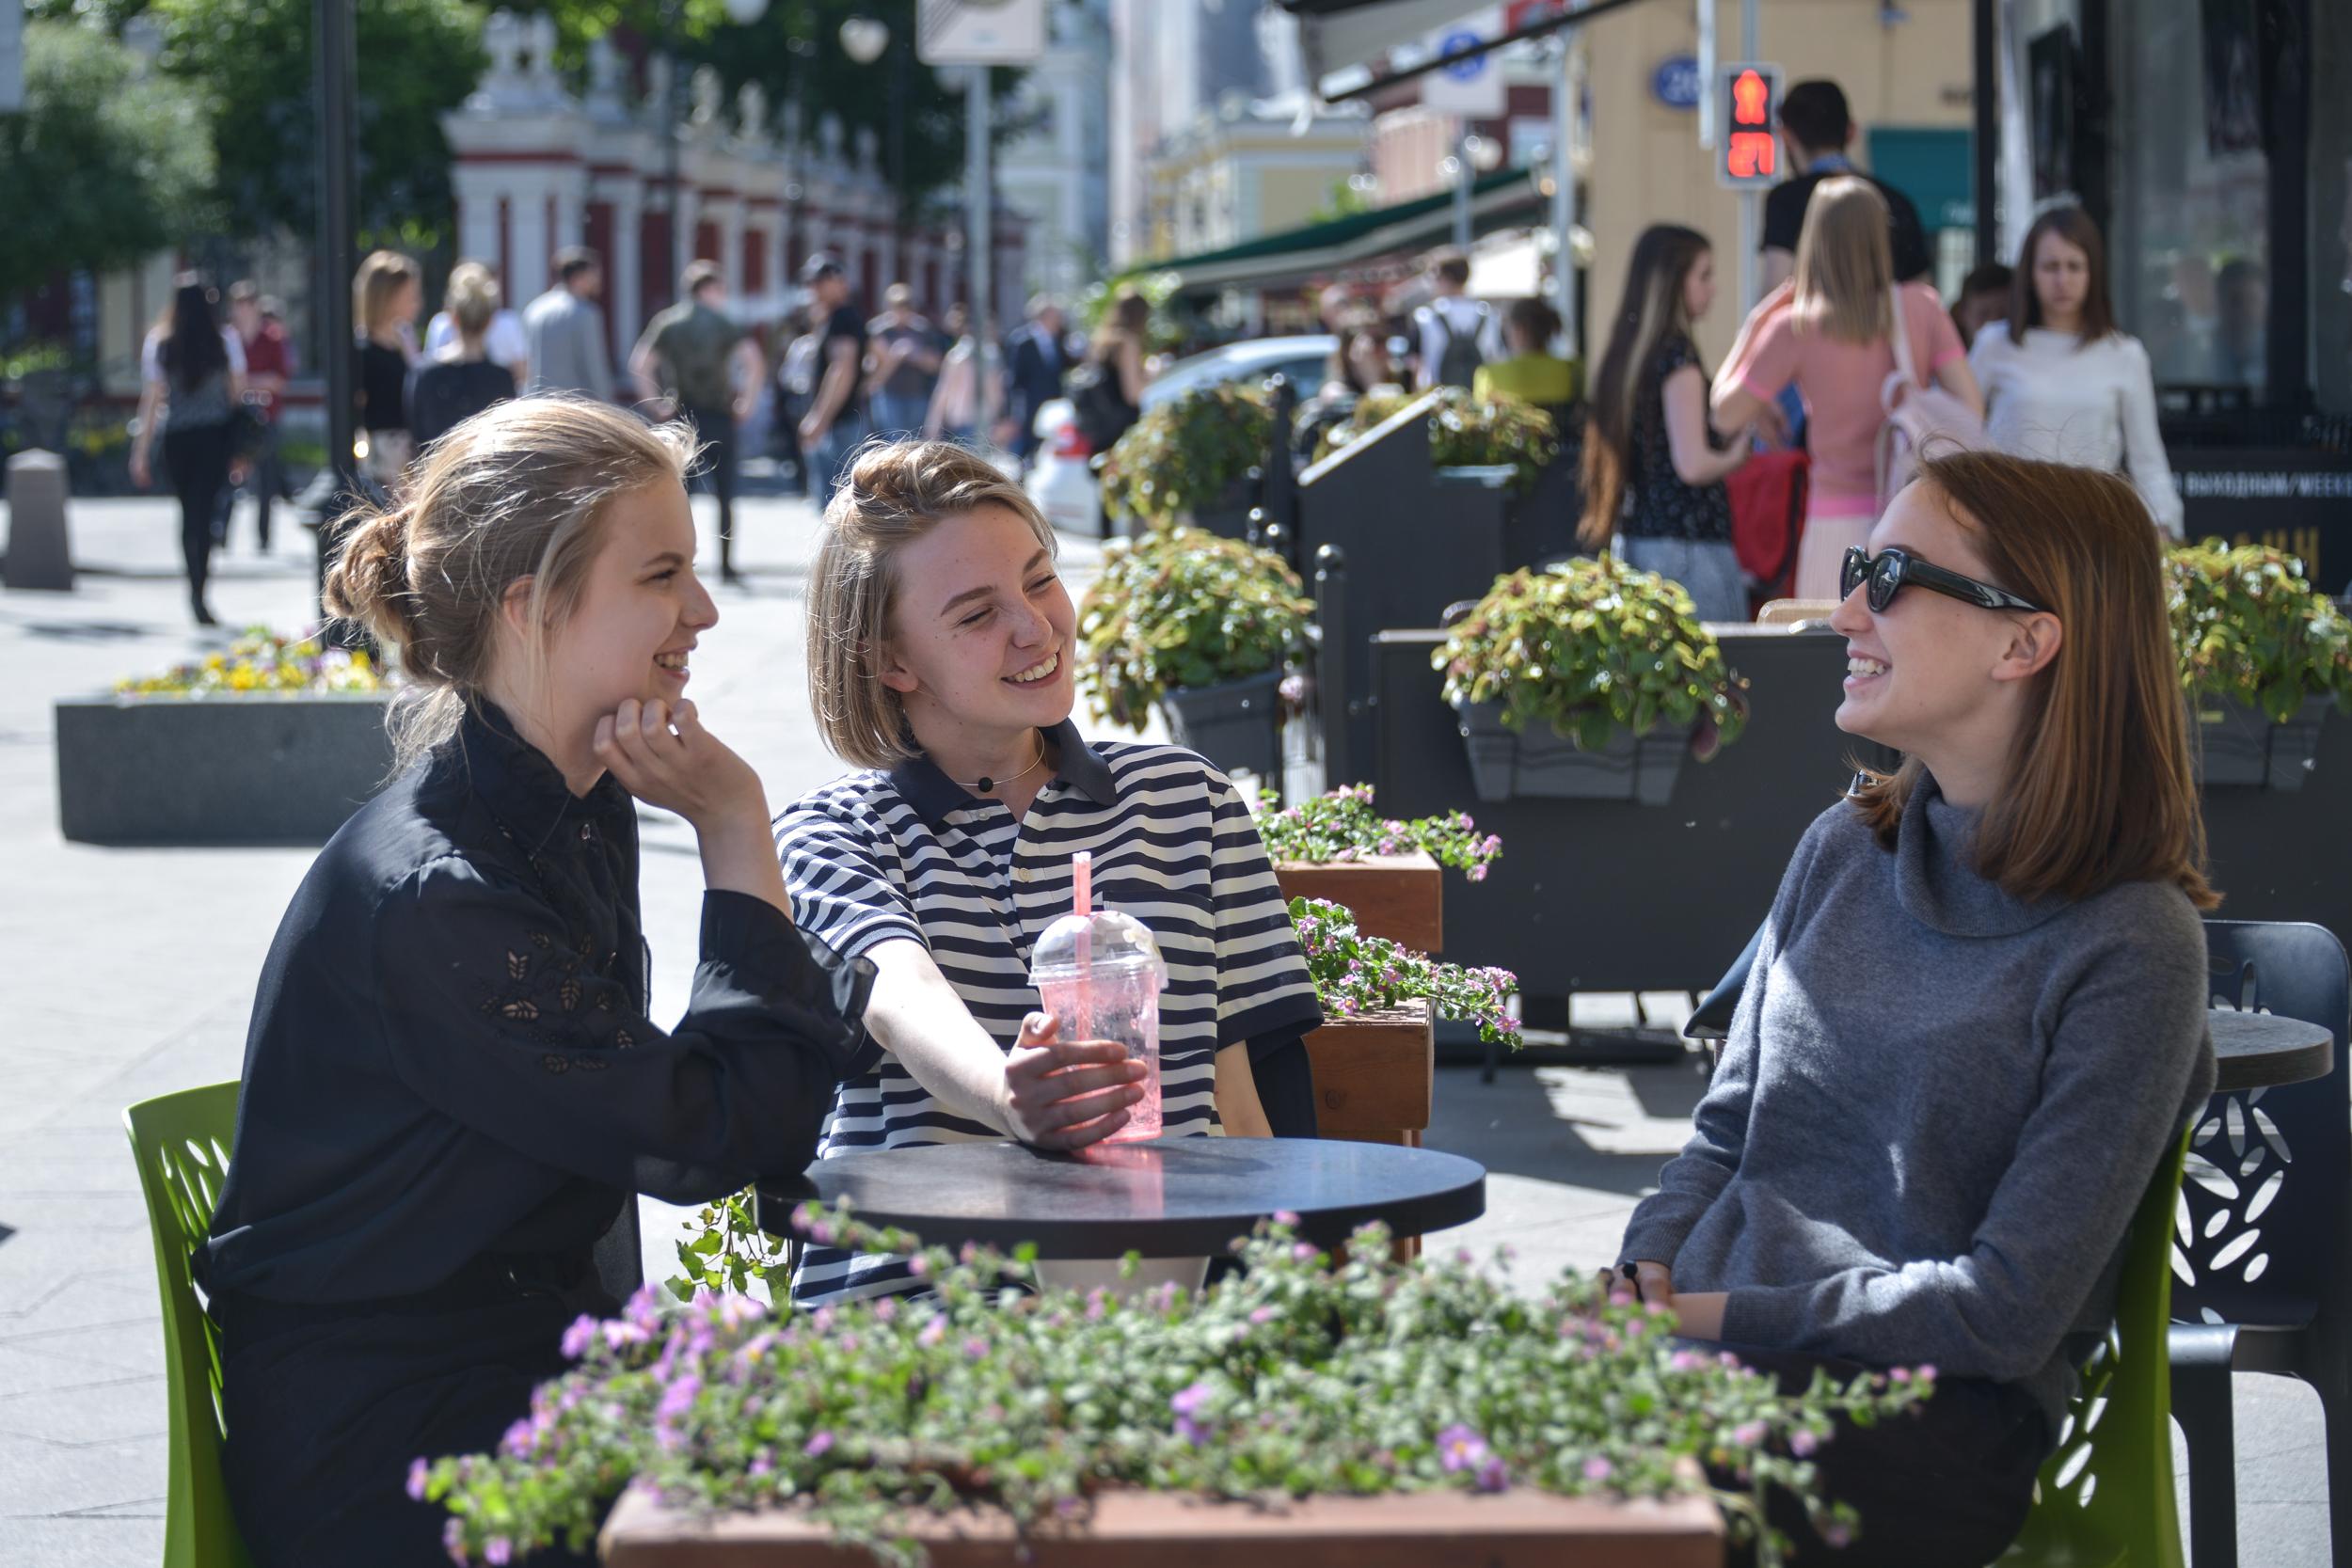 Московских рестораторов попросили закрыть летние веранды из-за непогоды